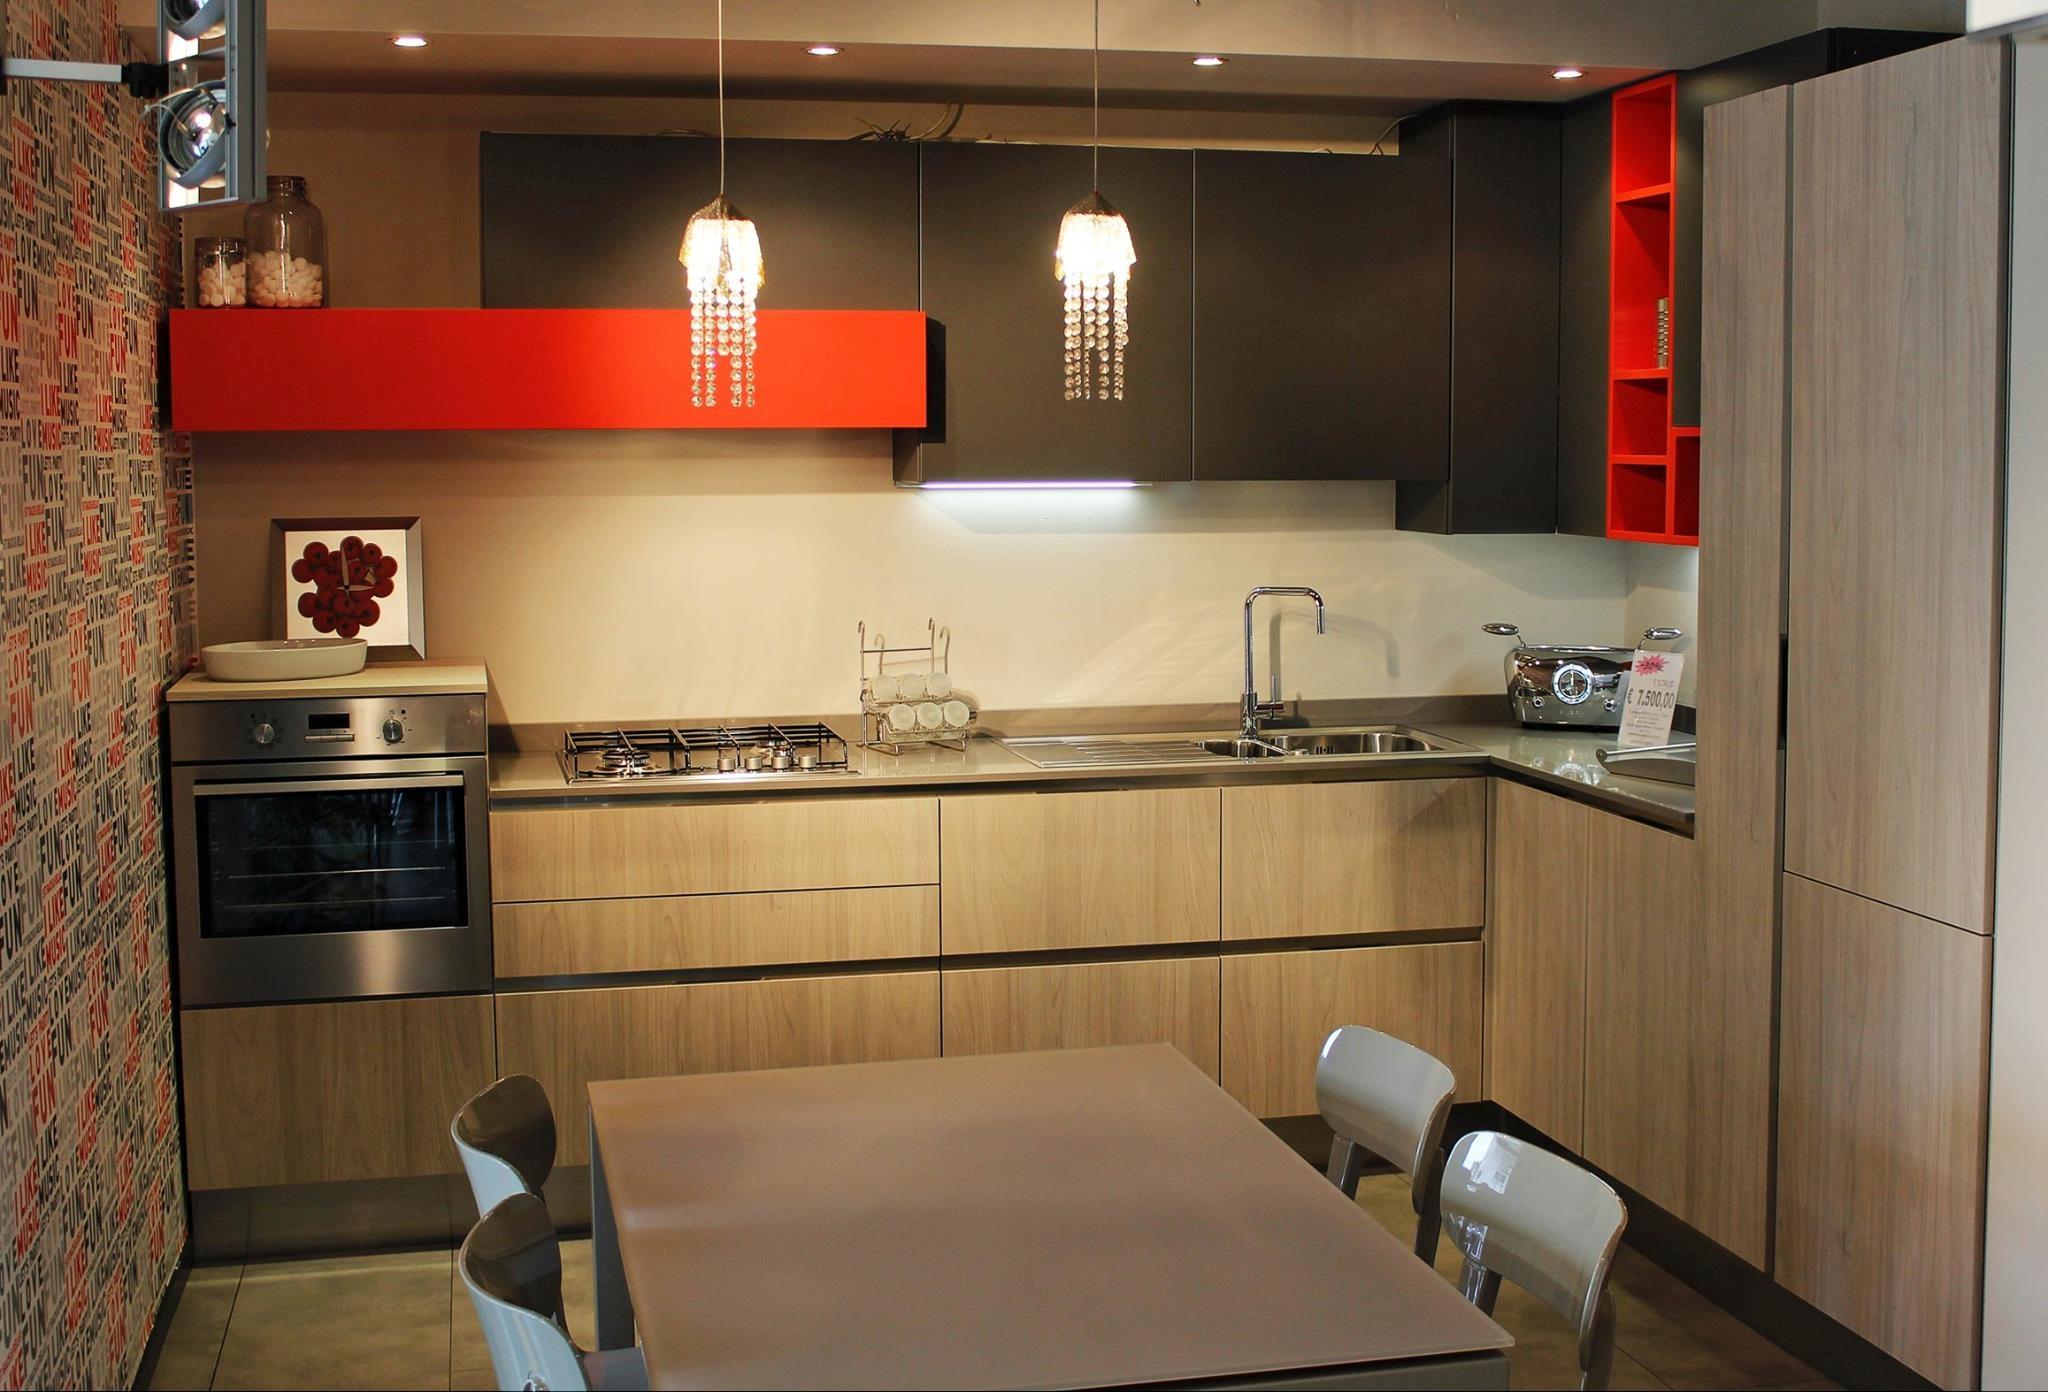 Cucina Arredo3 Linea - luna Moderna - Cucine a prezzi scontati